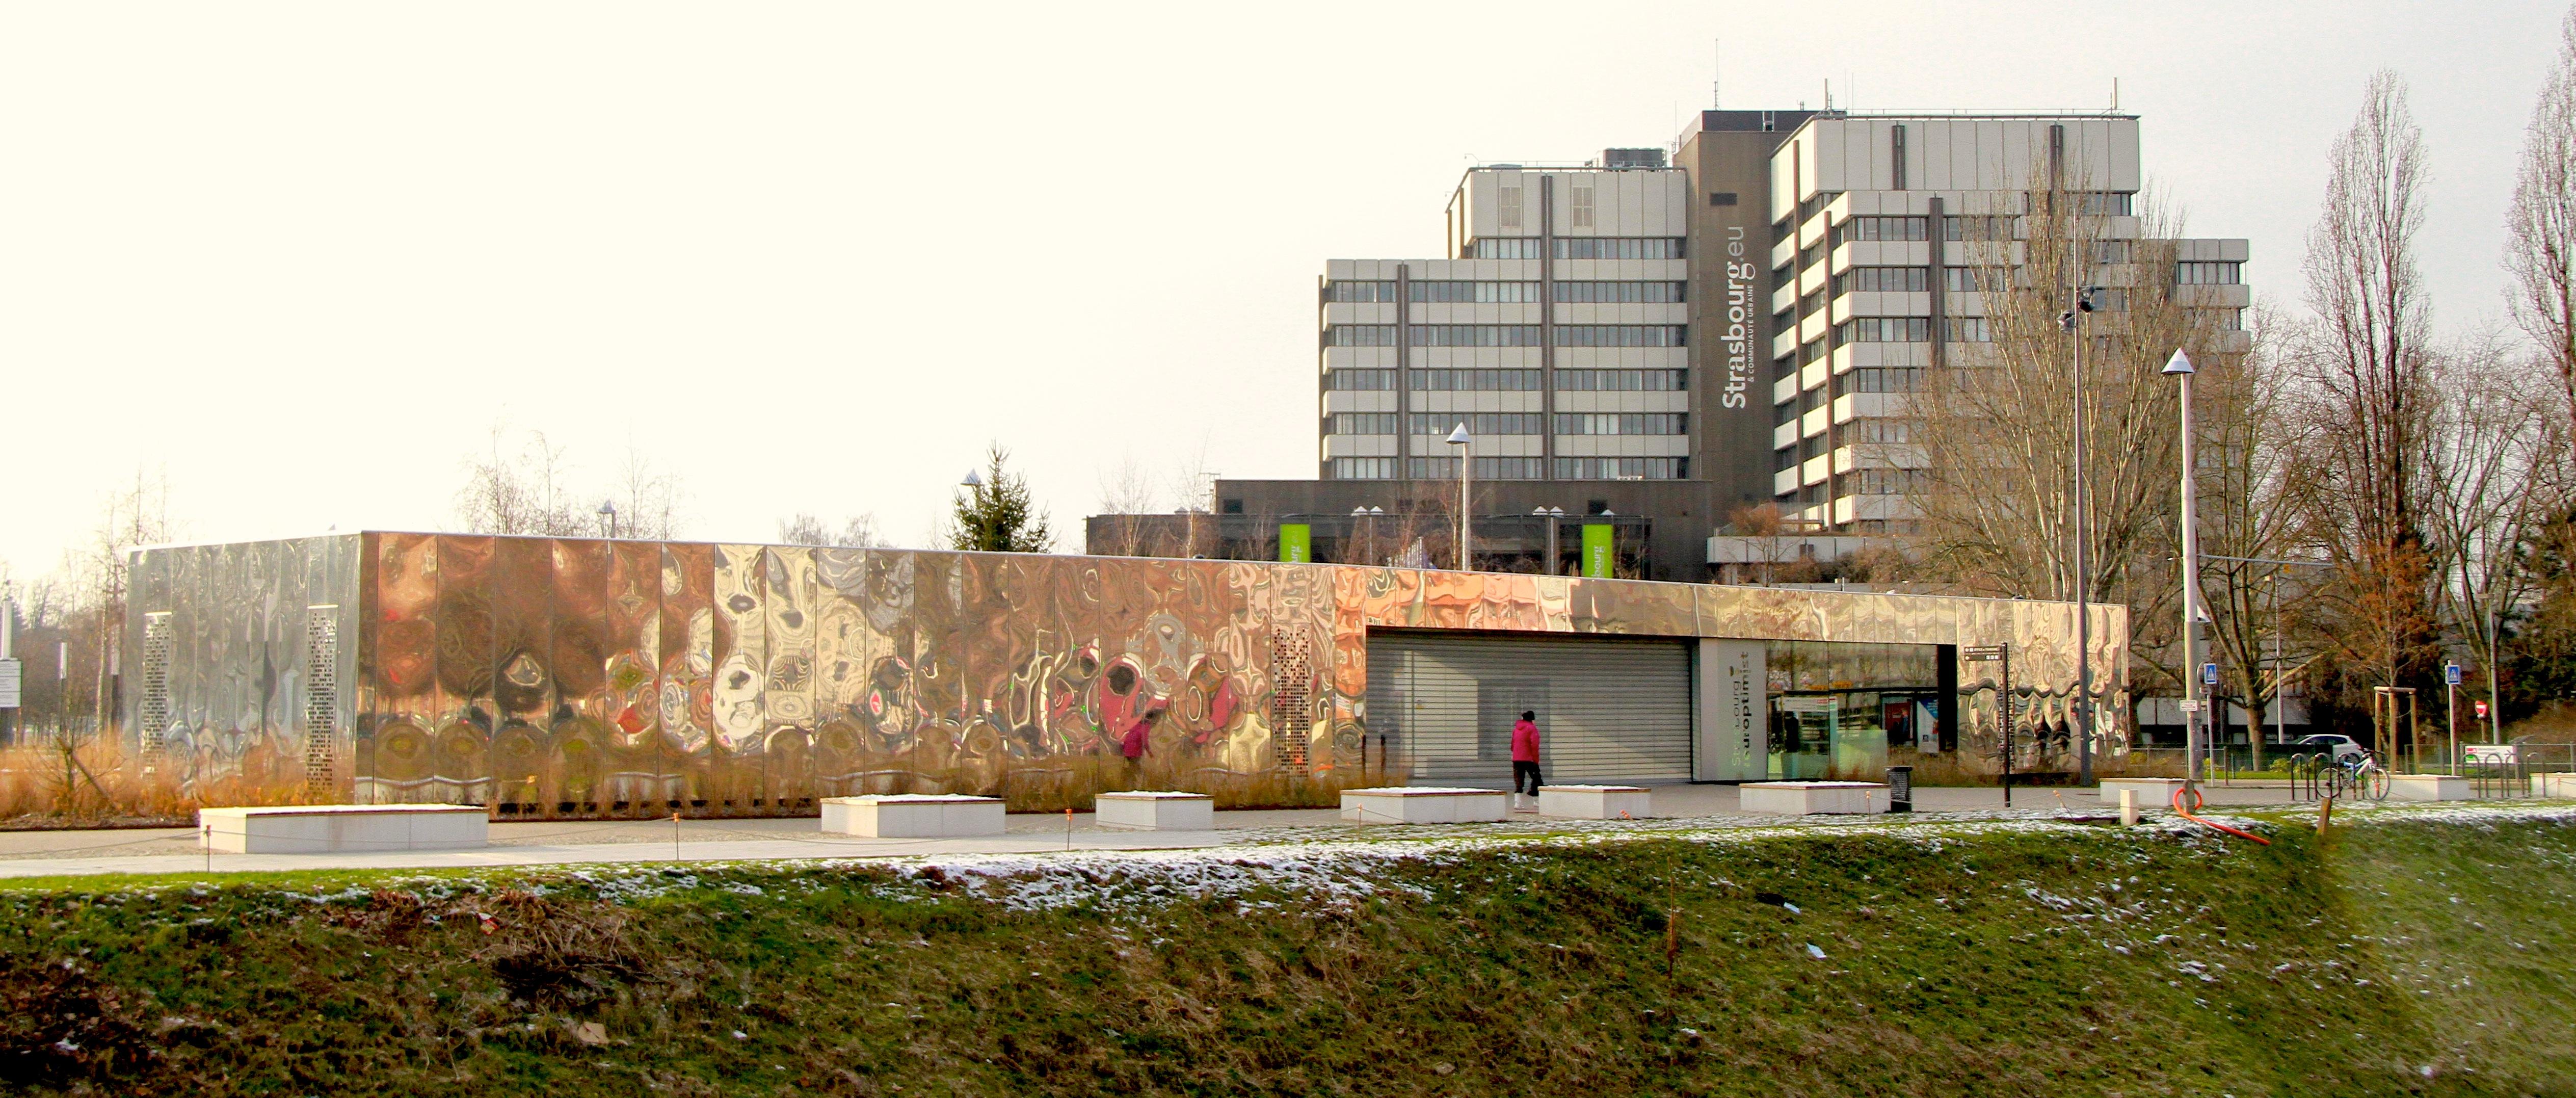 File strasbourg parc de l 39 etoile pavillon d 39 accueil de l for Parc des expo strasbourg